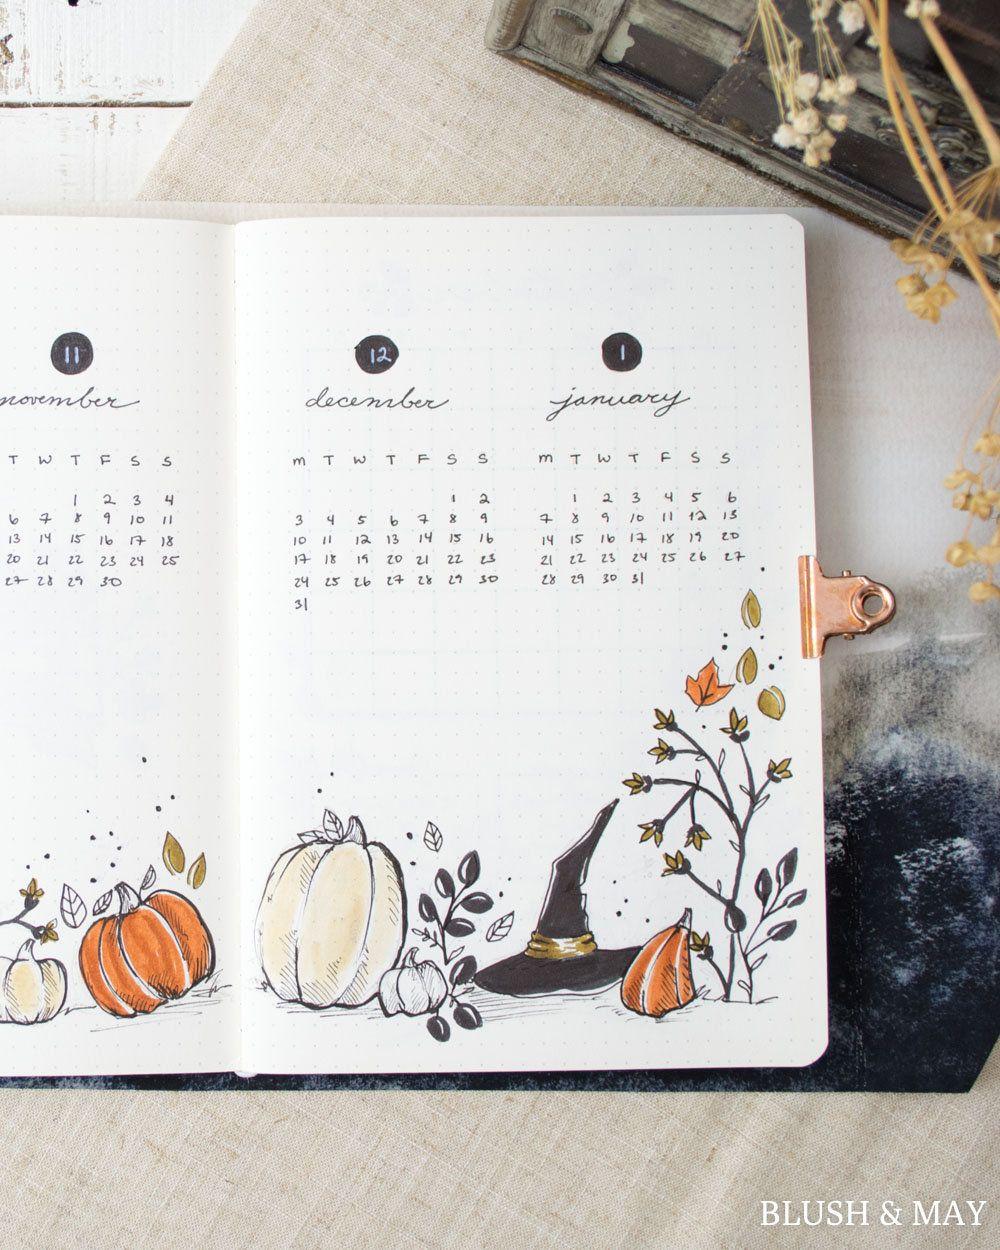 Full October 2018 & BLANK Setup | Printable for Journal or Planner #bulletjournaloctobre